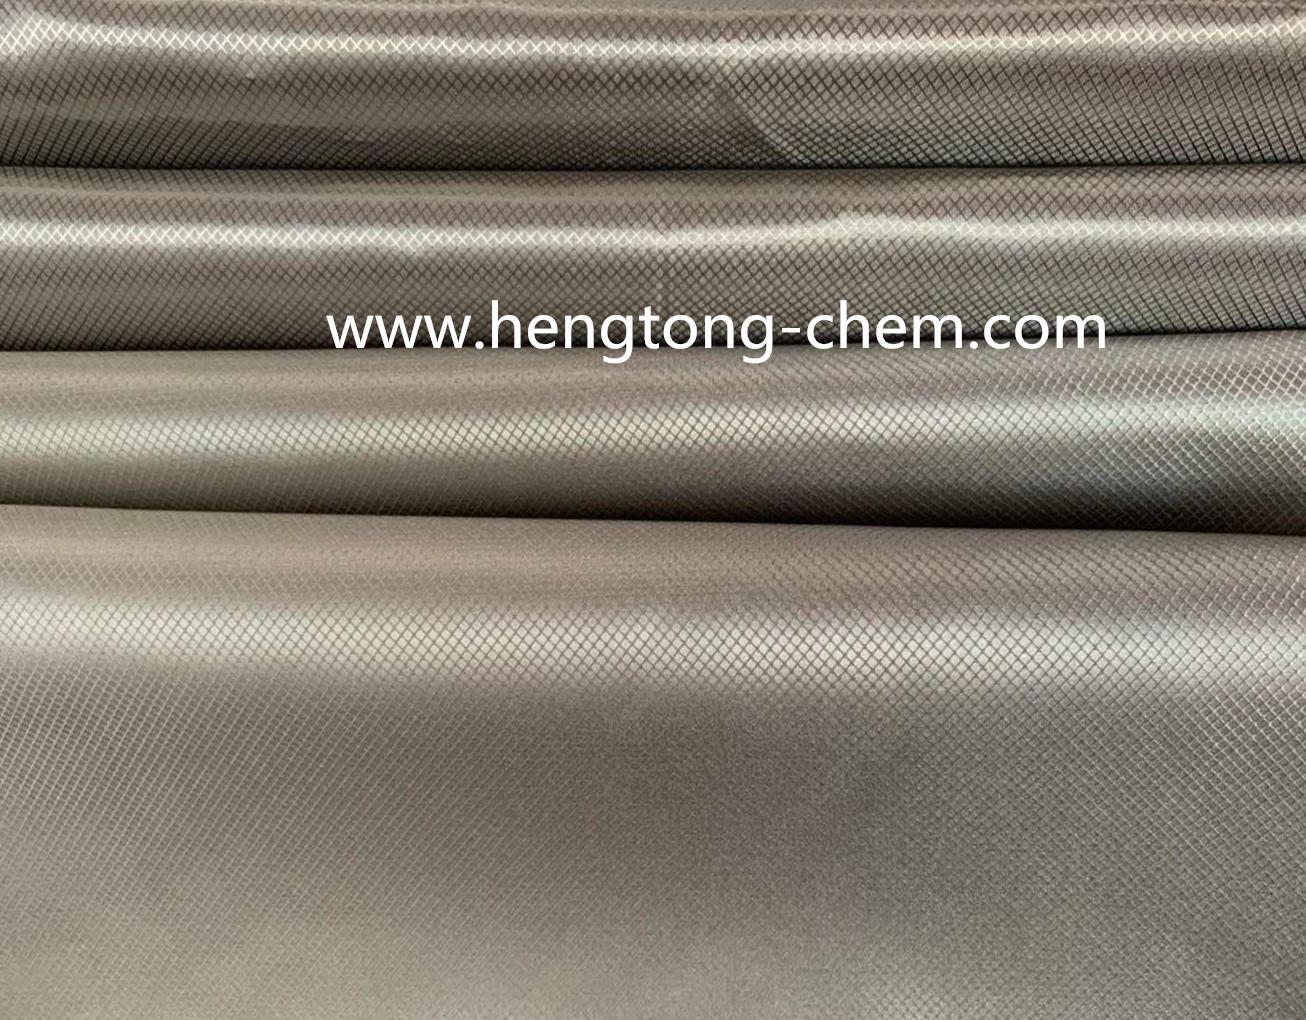 铜镍菱格导电布HT-L011